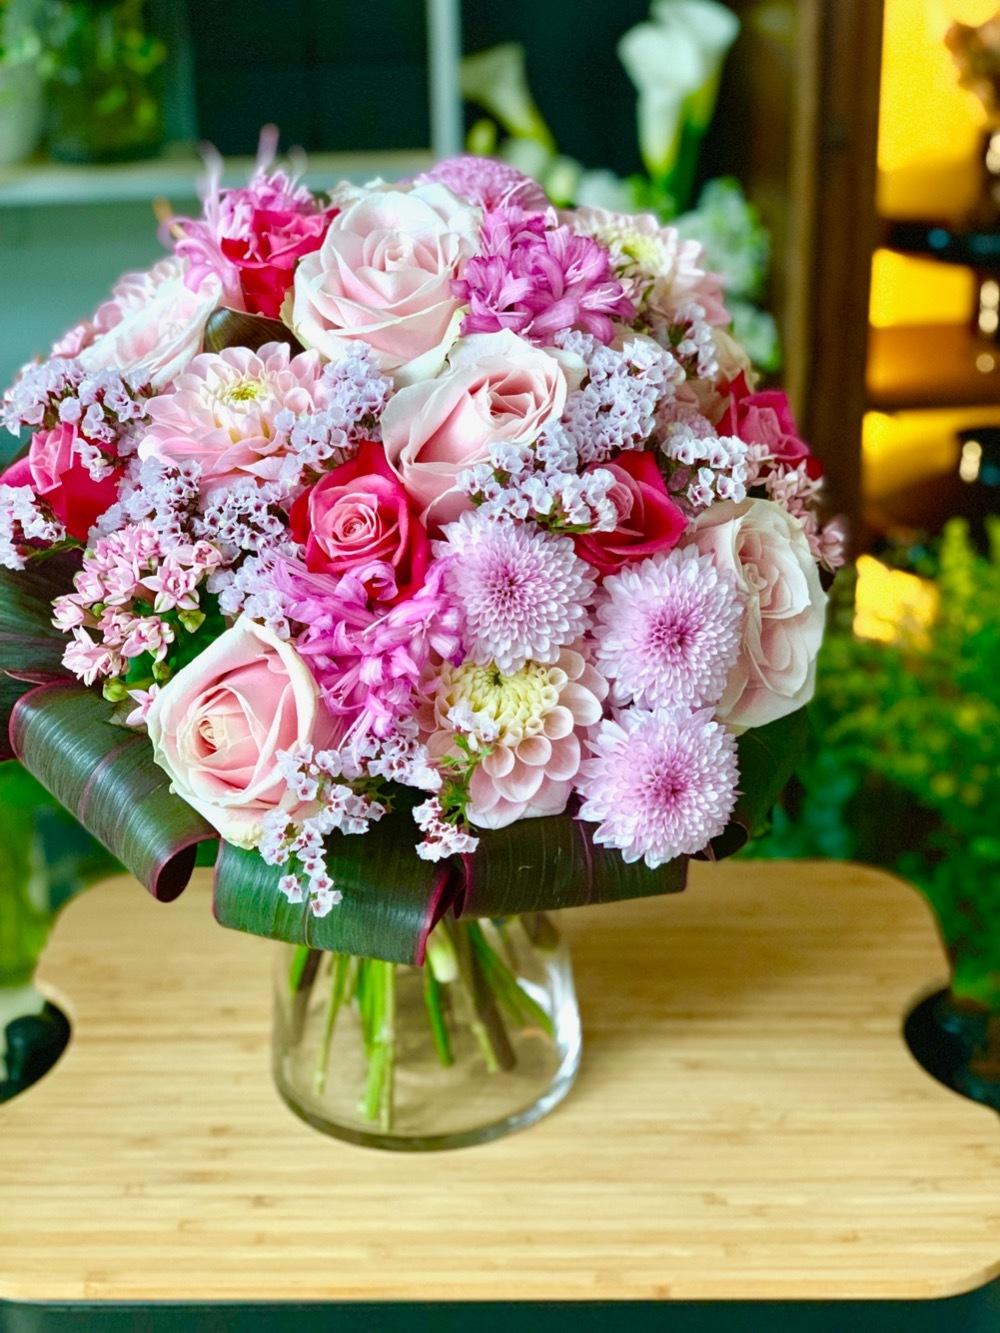 感謝の想いが込められたご出演者様へのピンクの花束